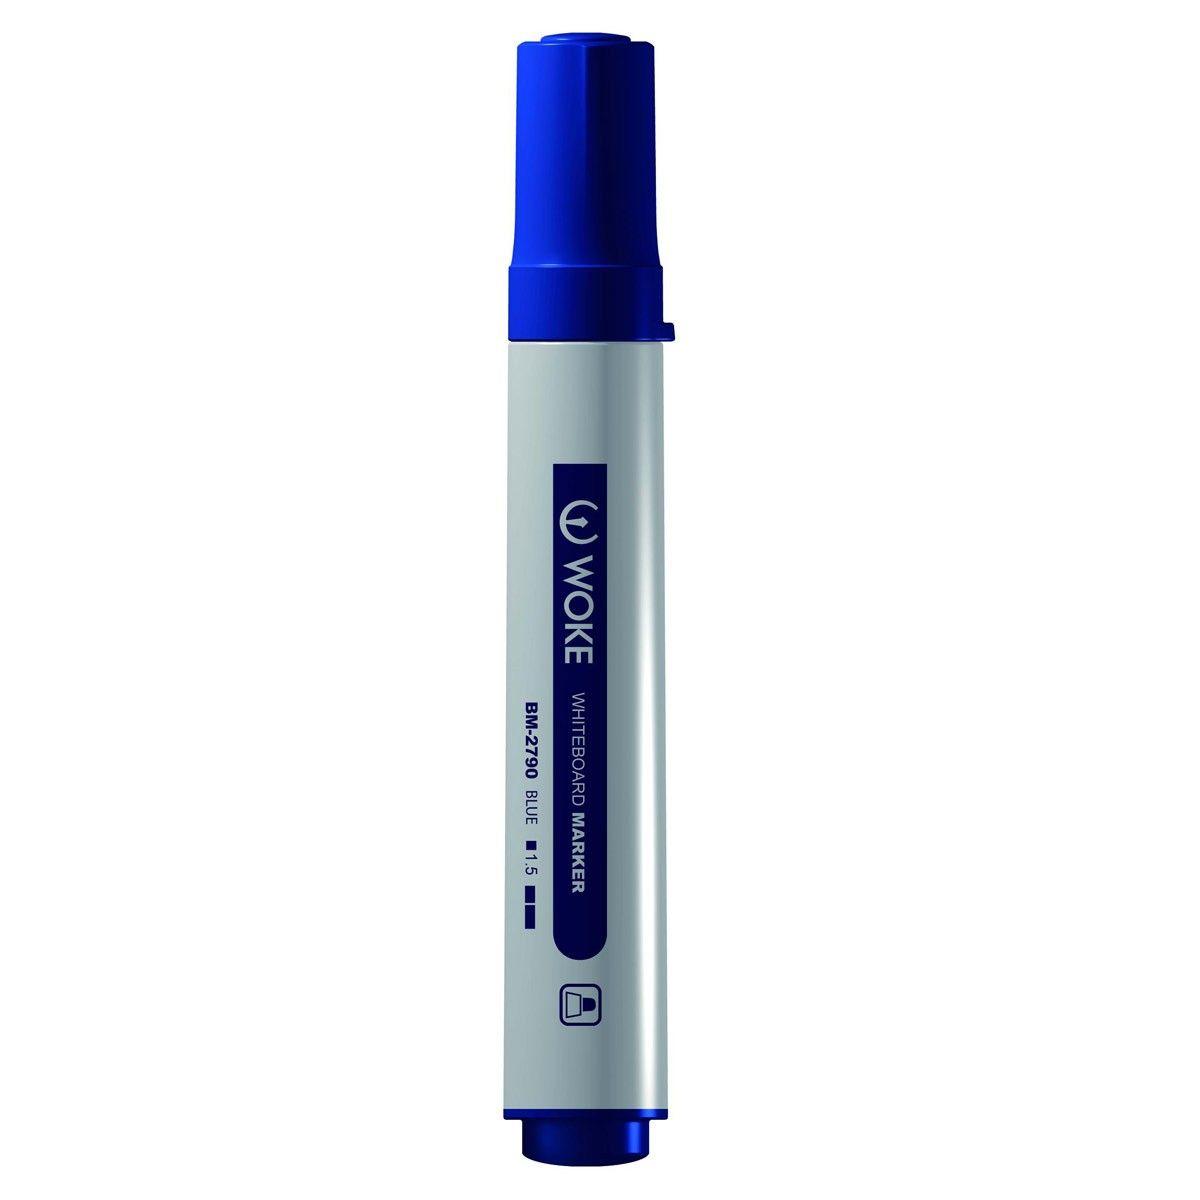 Marqueur Effaçable pour Tableau Blanc, 2mm, 12/paquet (DK-PMW 2790)